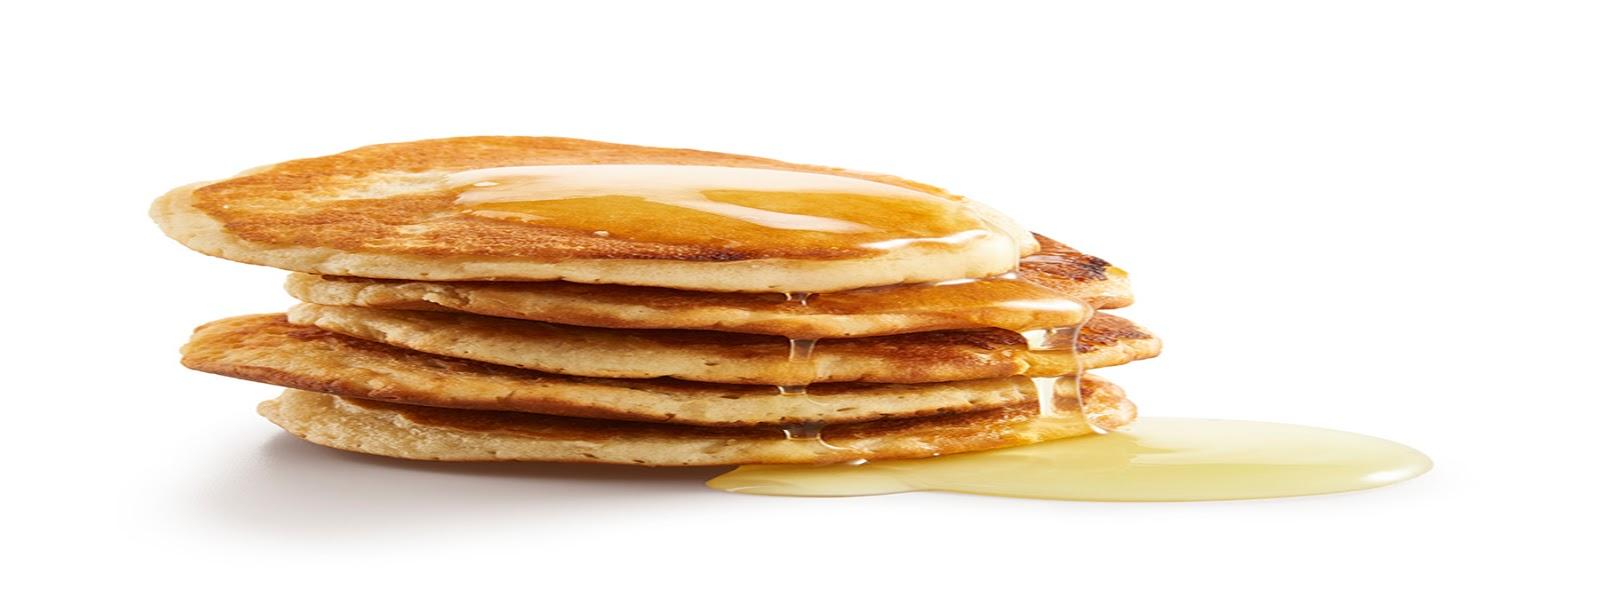 Συνταγή για Pancakes με Πρωτεΐνη